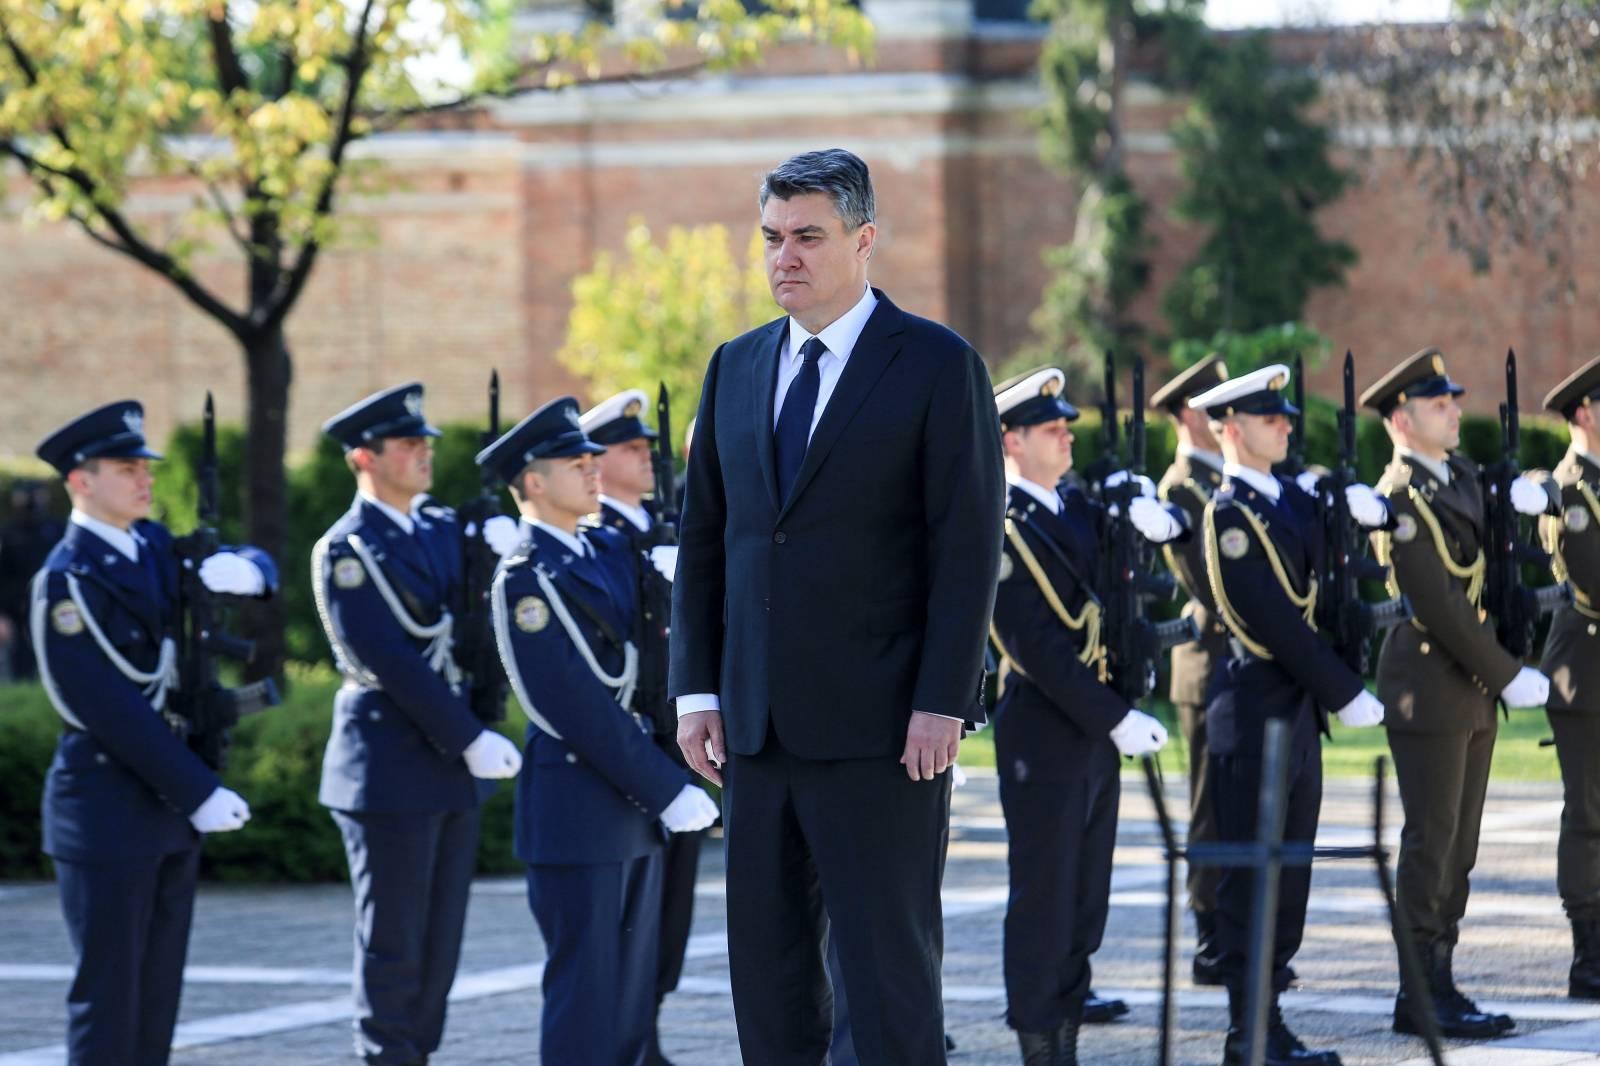 Predsjednik Milanović položenio je vijenac na Mirogoju povodom Dana oslobođenja Zagreba